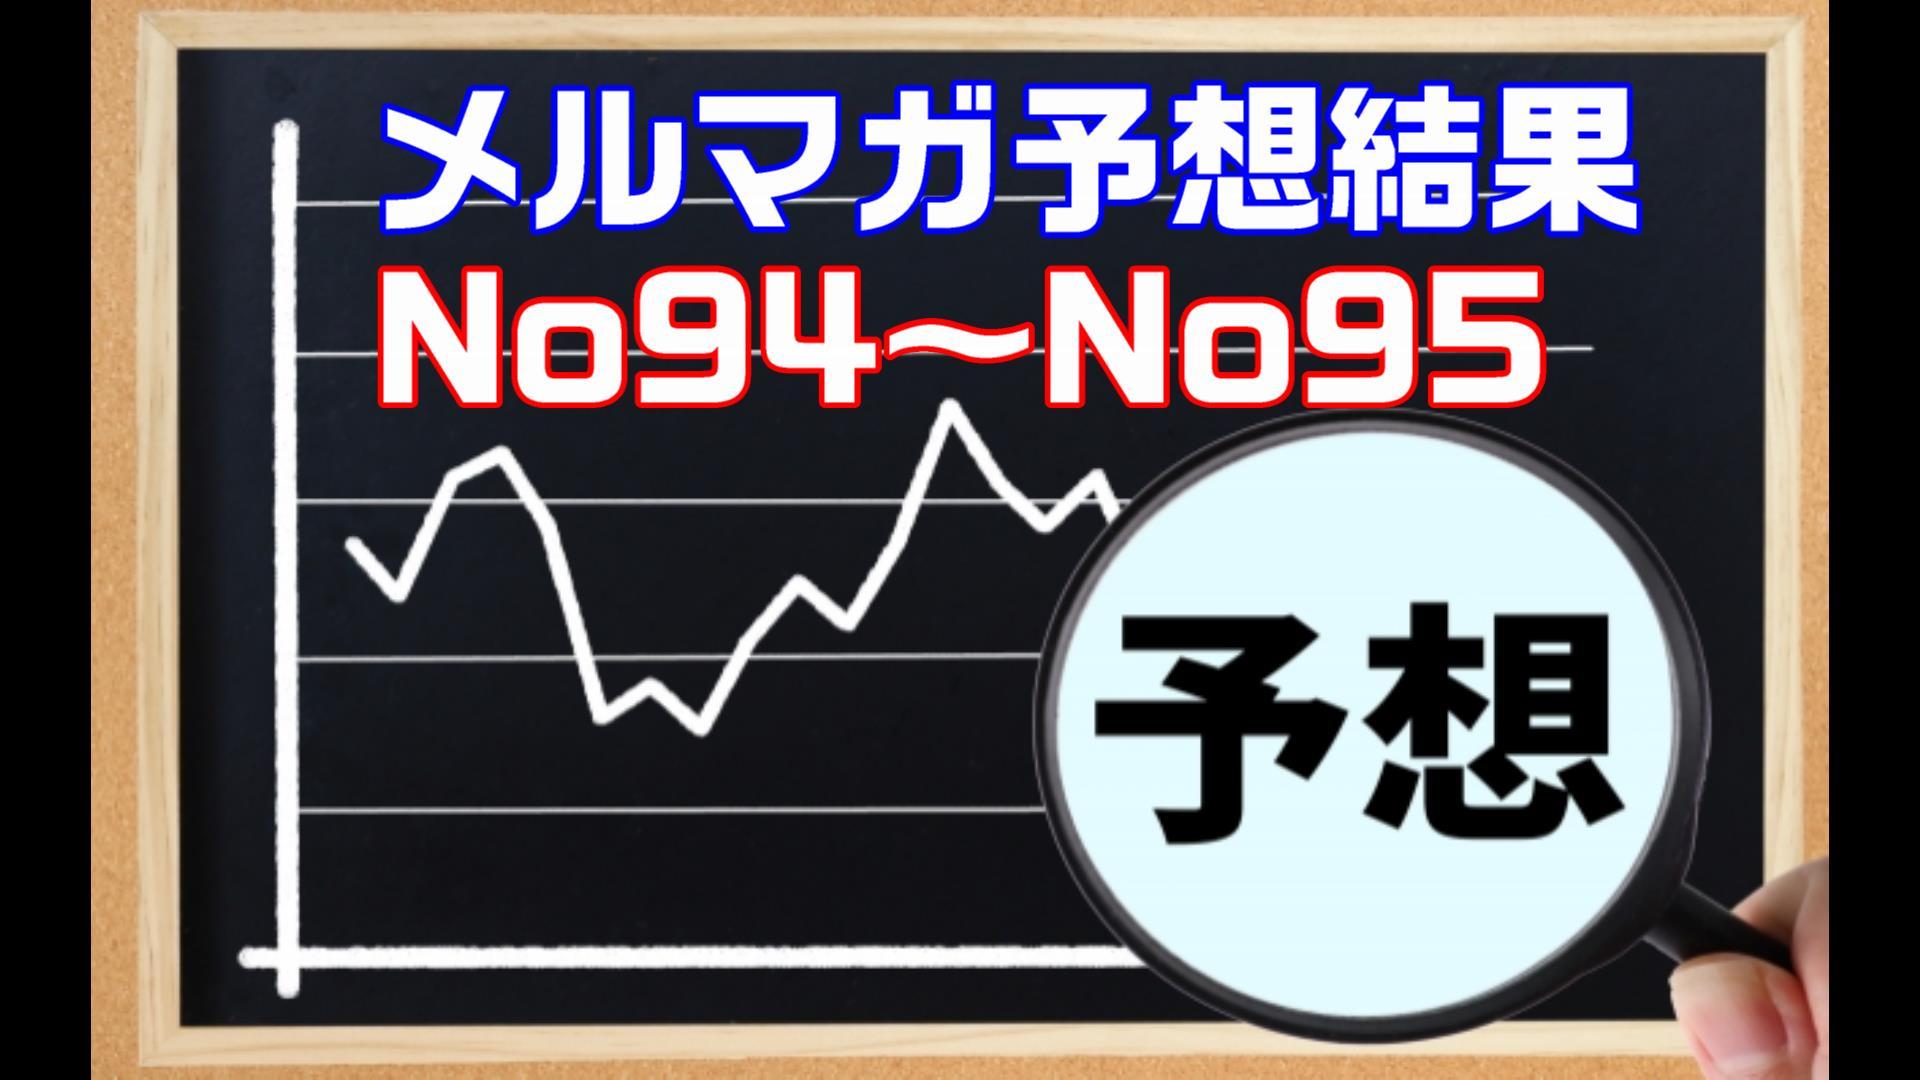 【メルマガの予想結果】メルマガNo94~No95結果